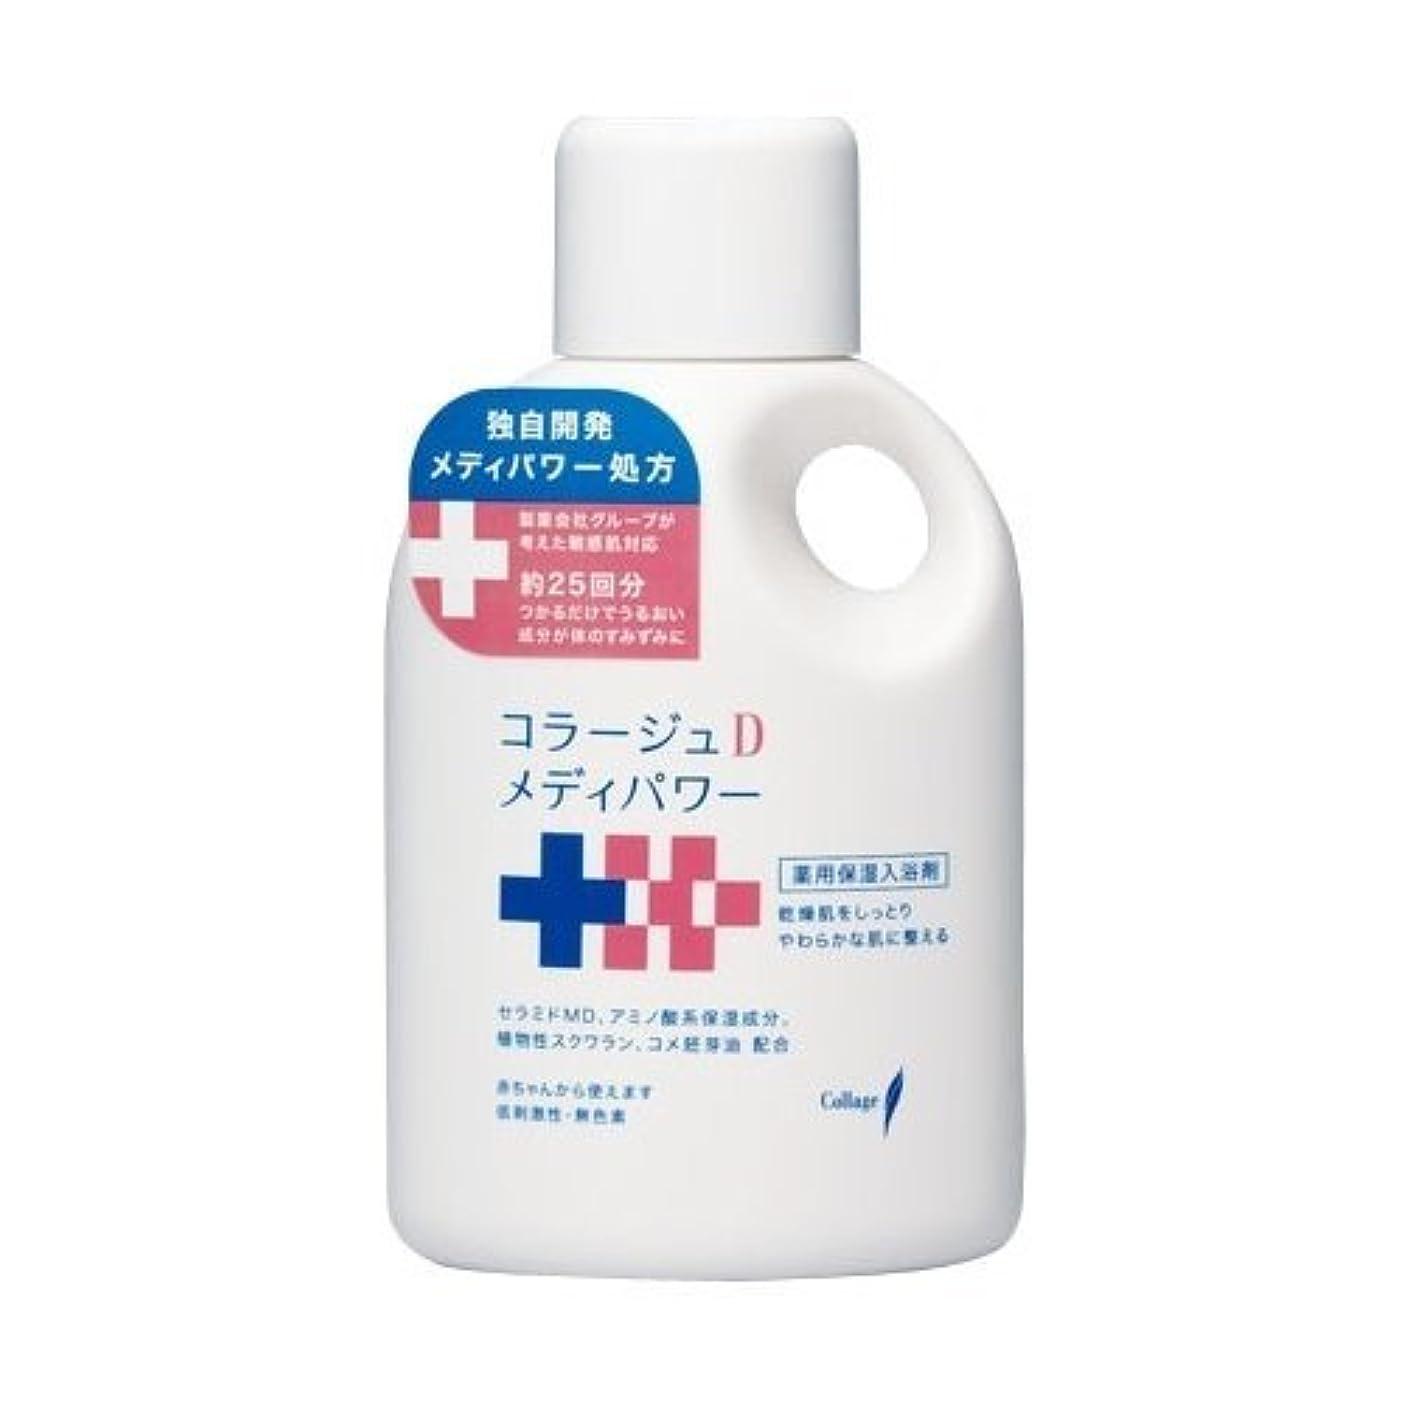 必要明確な不倫コラージュ Dメディパワー 保湿入浴剤 500mL (医薬部外品)